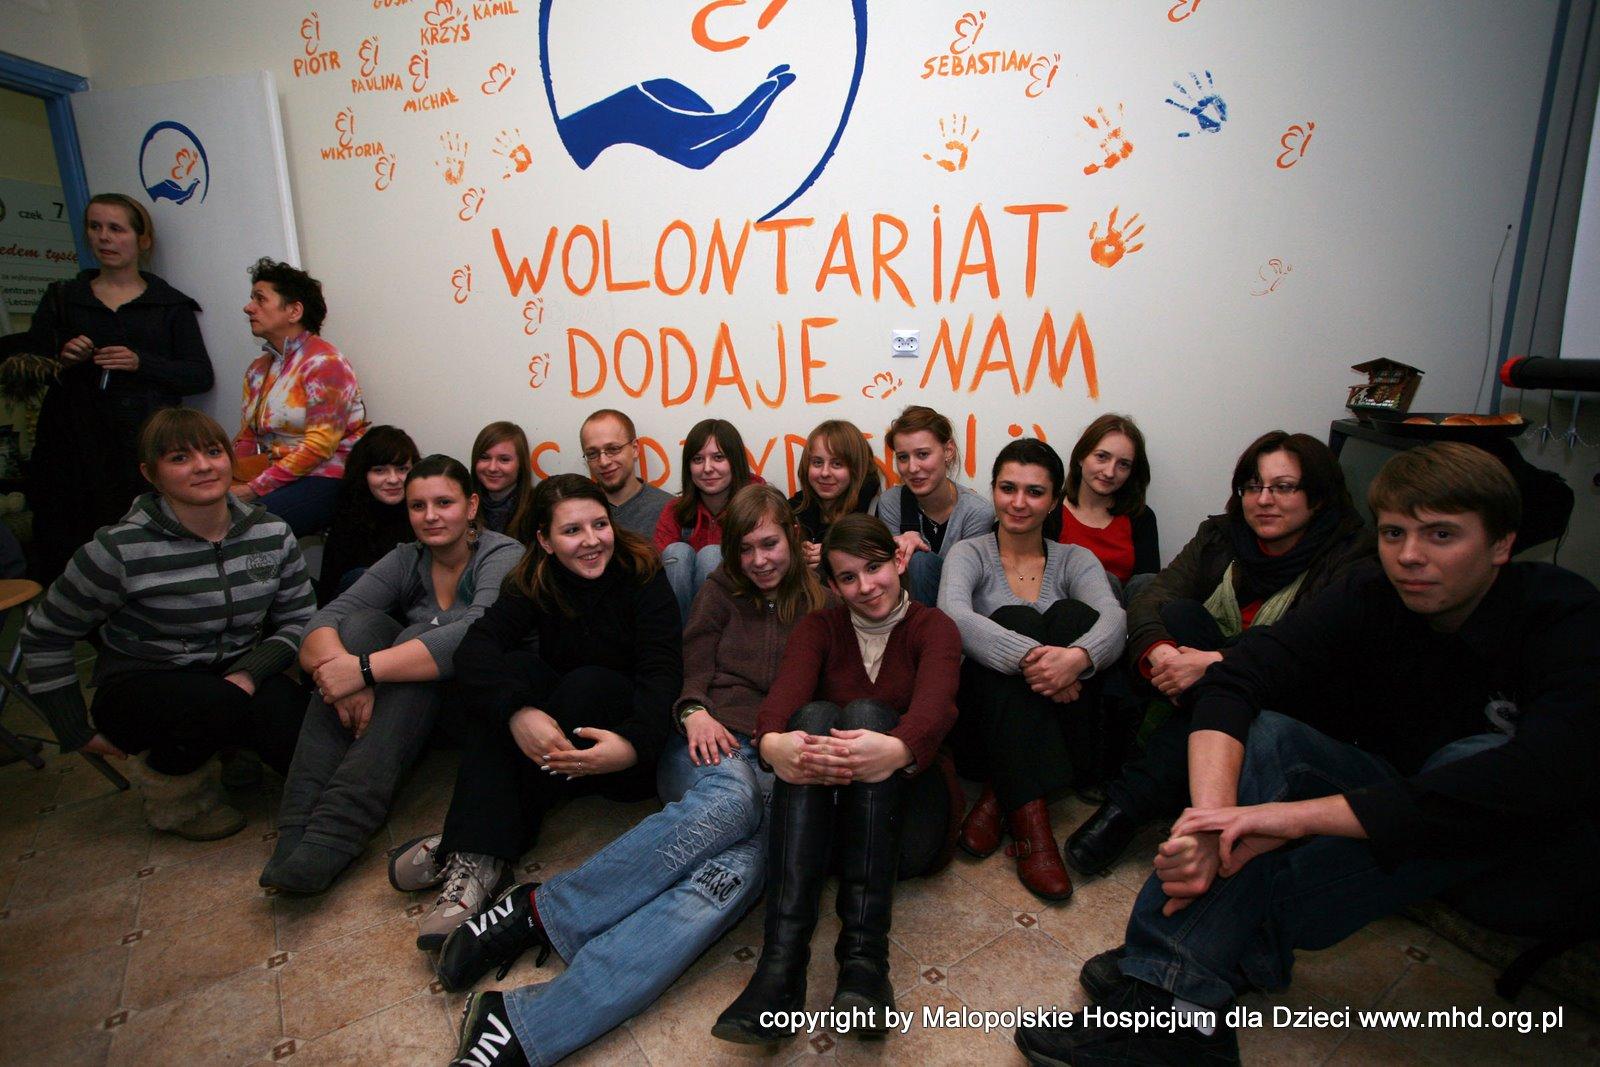 zebranie wolontariuszy MHD, czyli u nas w biurze:)